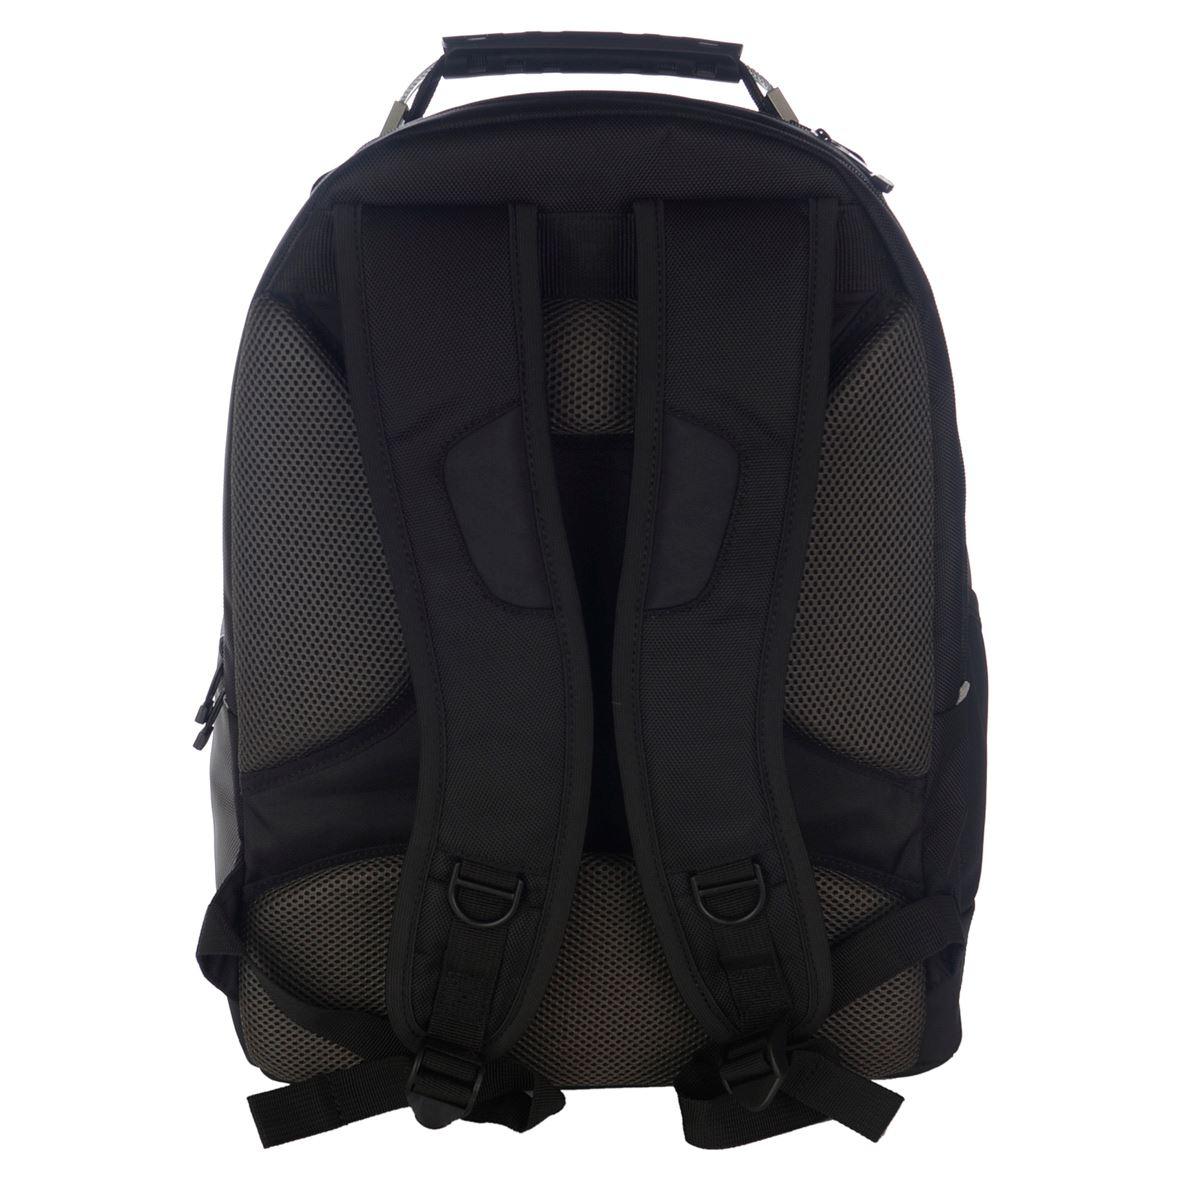 drifter sac dos pour ordinateur portable 17 3 noir gris. Black Bedroom Furniture Sets. Home Design Ideas